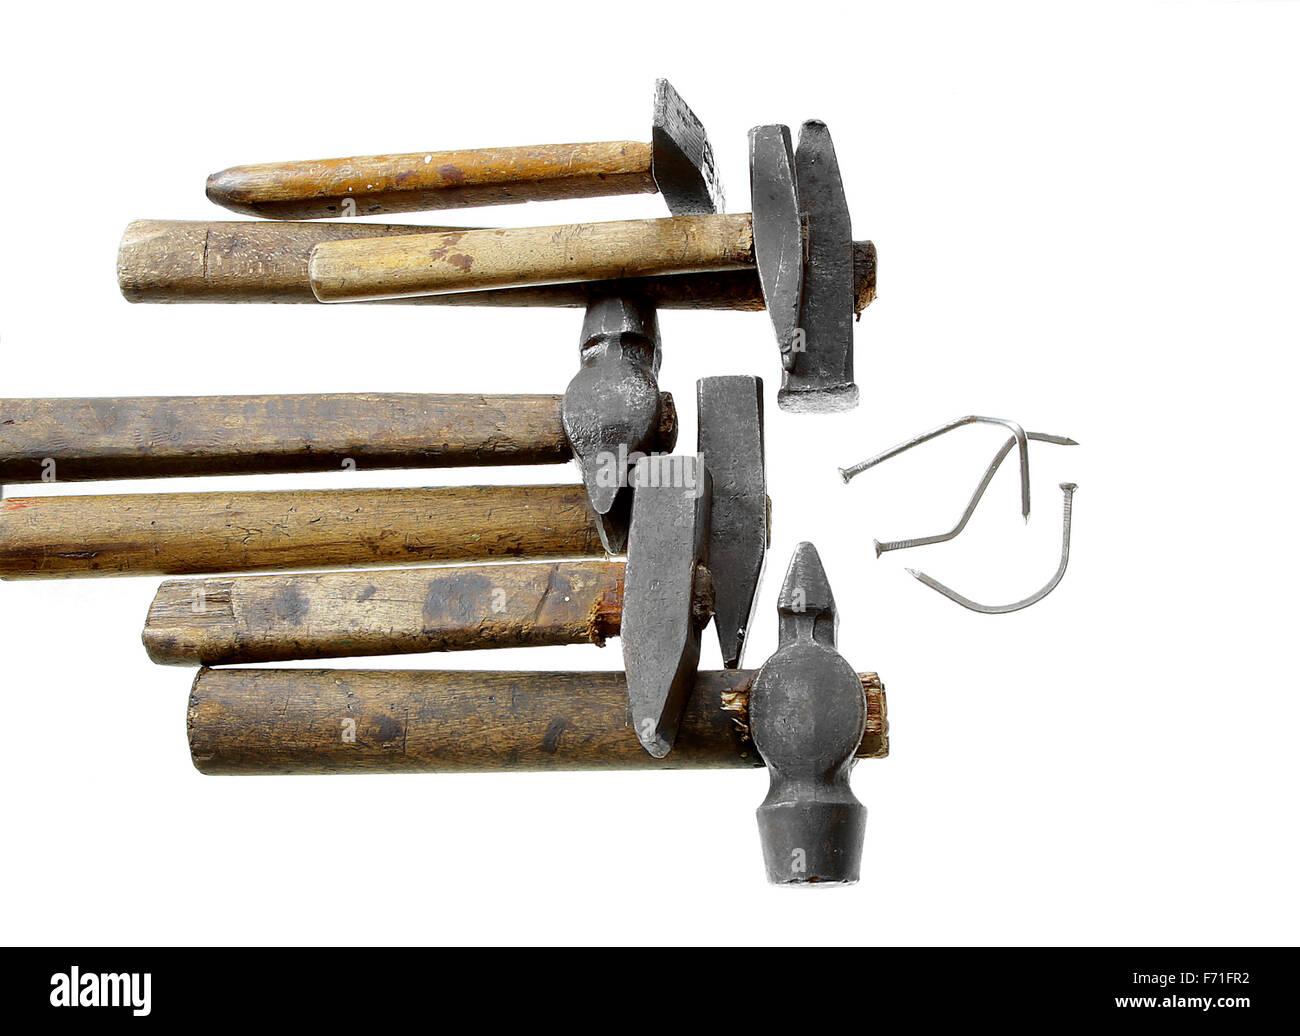 zu viele Köche verderben die Brühe Sprichwort Partie der Hämmer beschädigt Nagel isoliert auf Stockbild